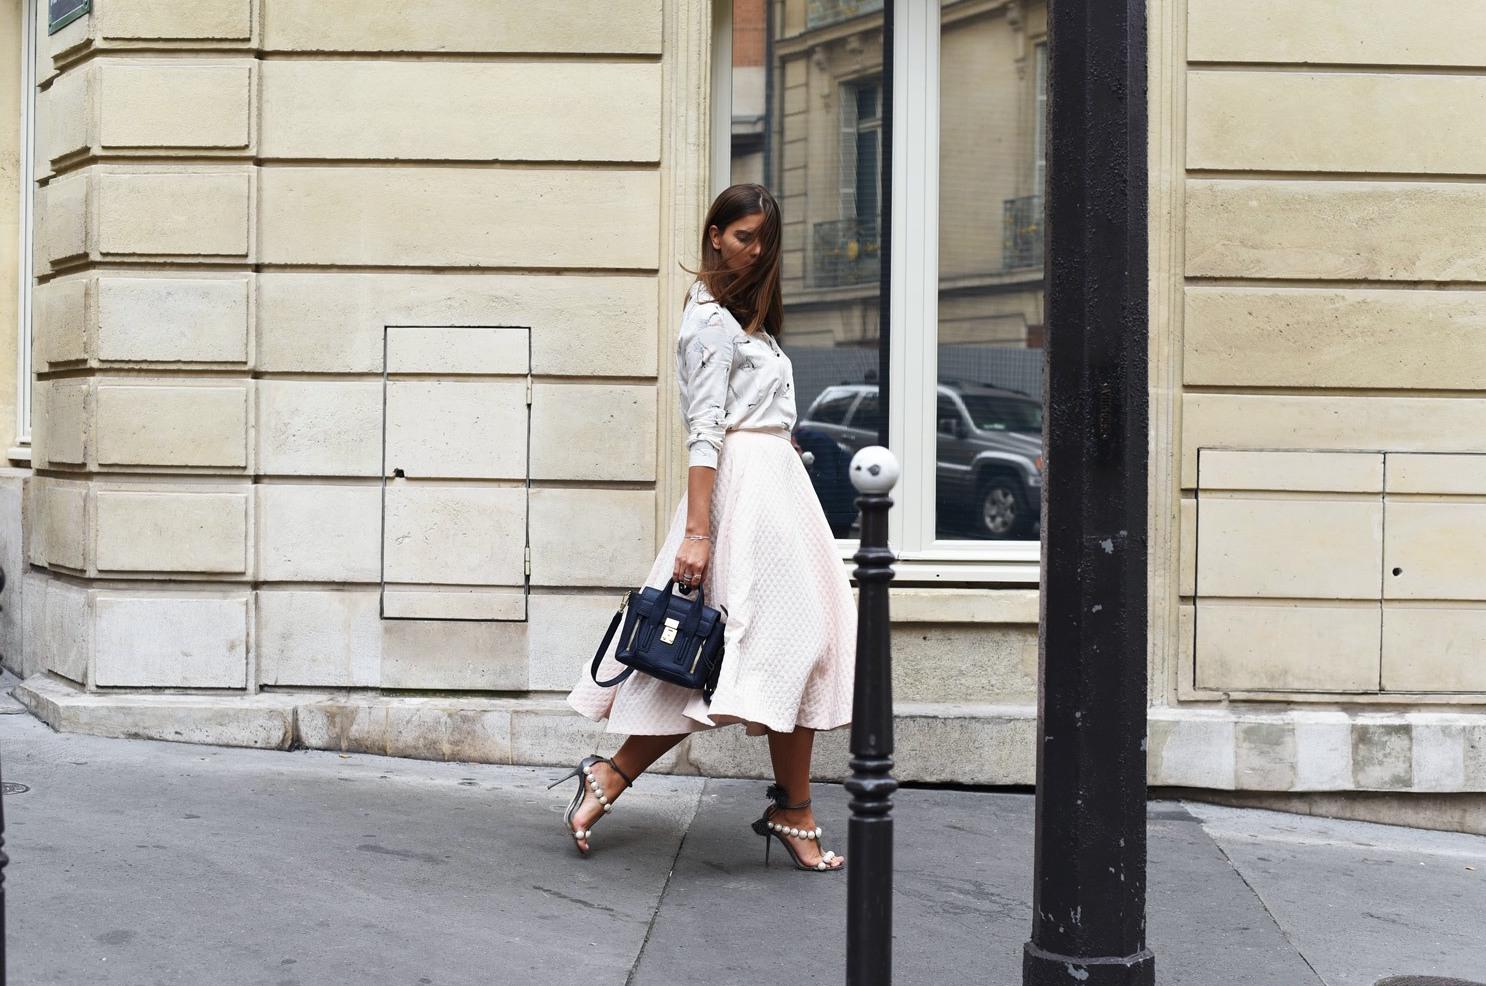 midi-skirt-kombinieren-alltagstauglich-blogger-style-fashiioncarpet